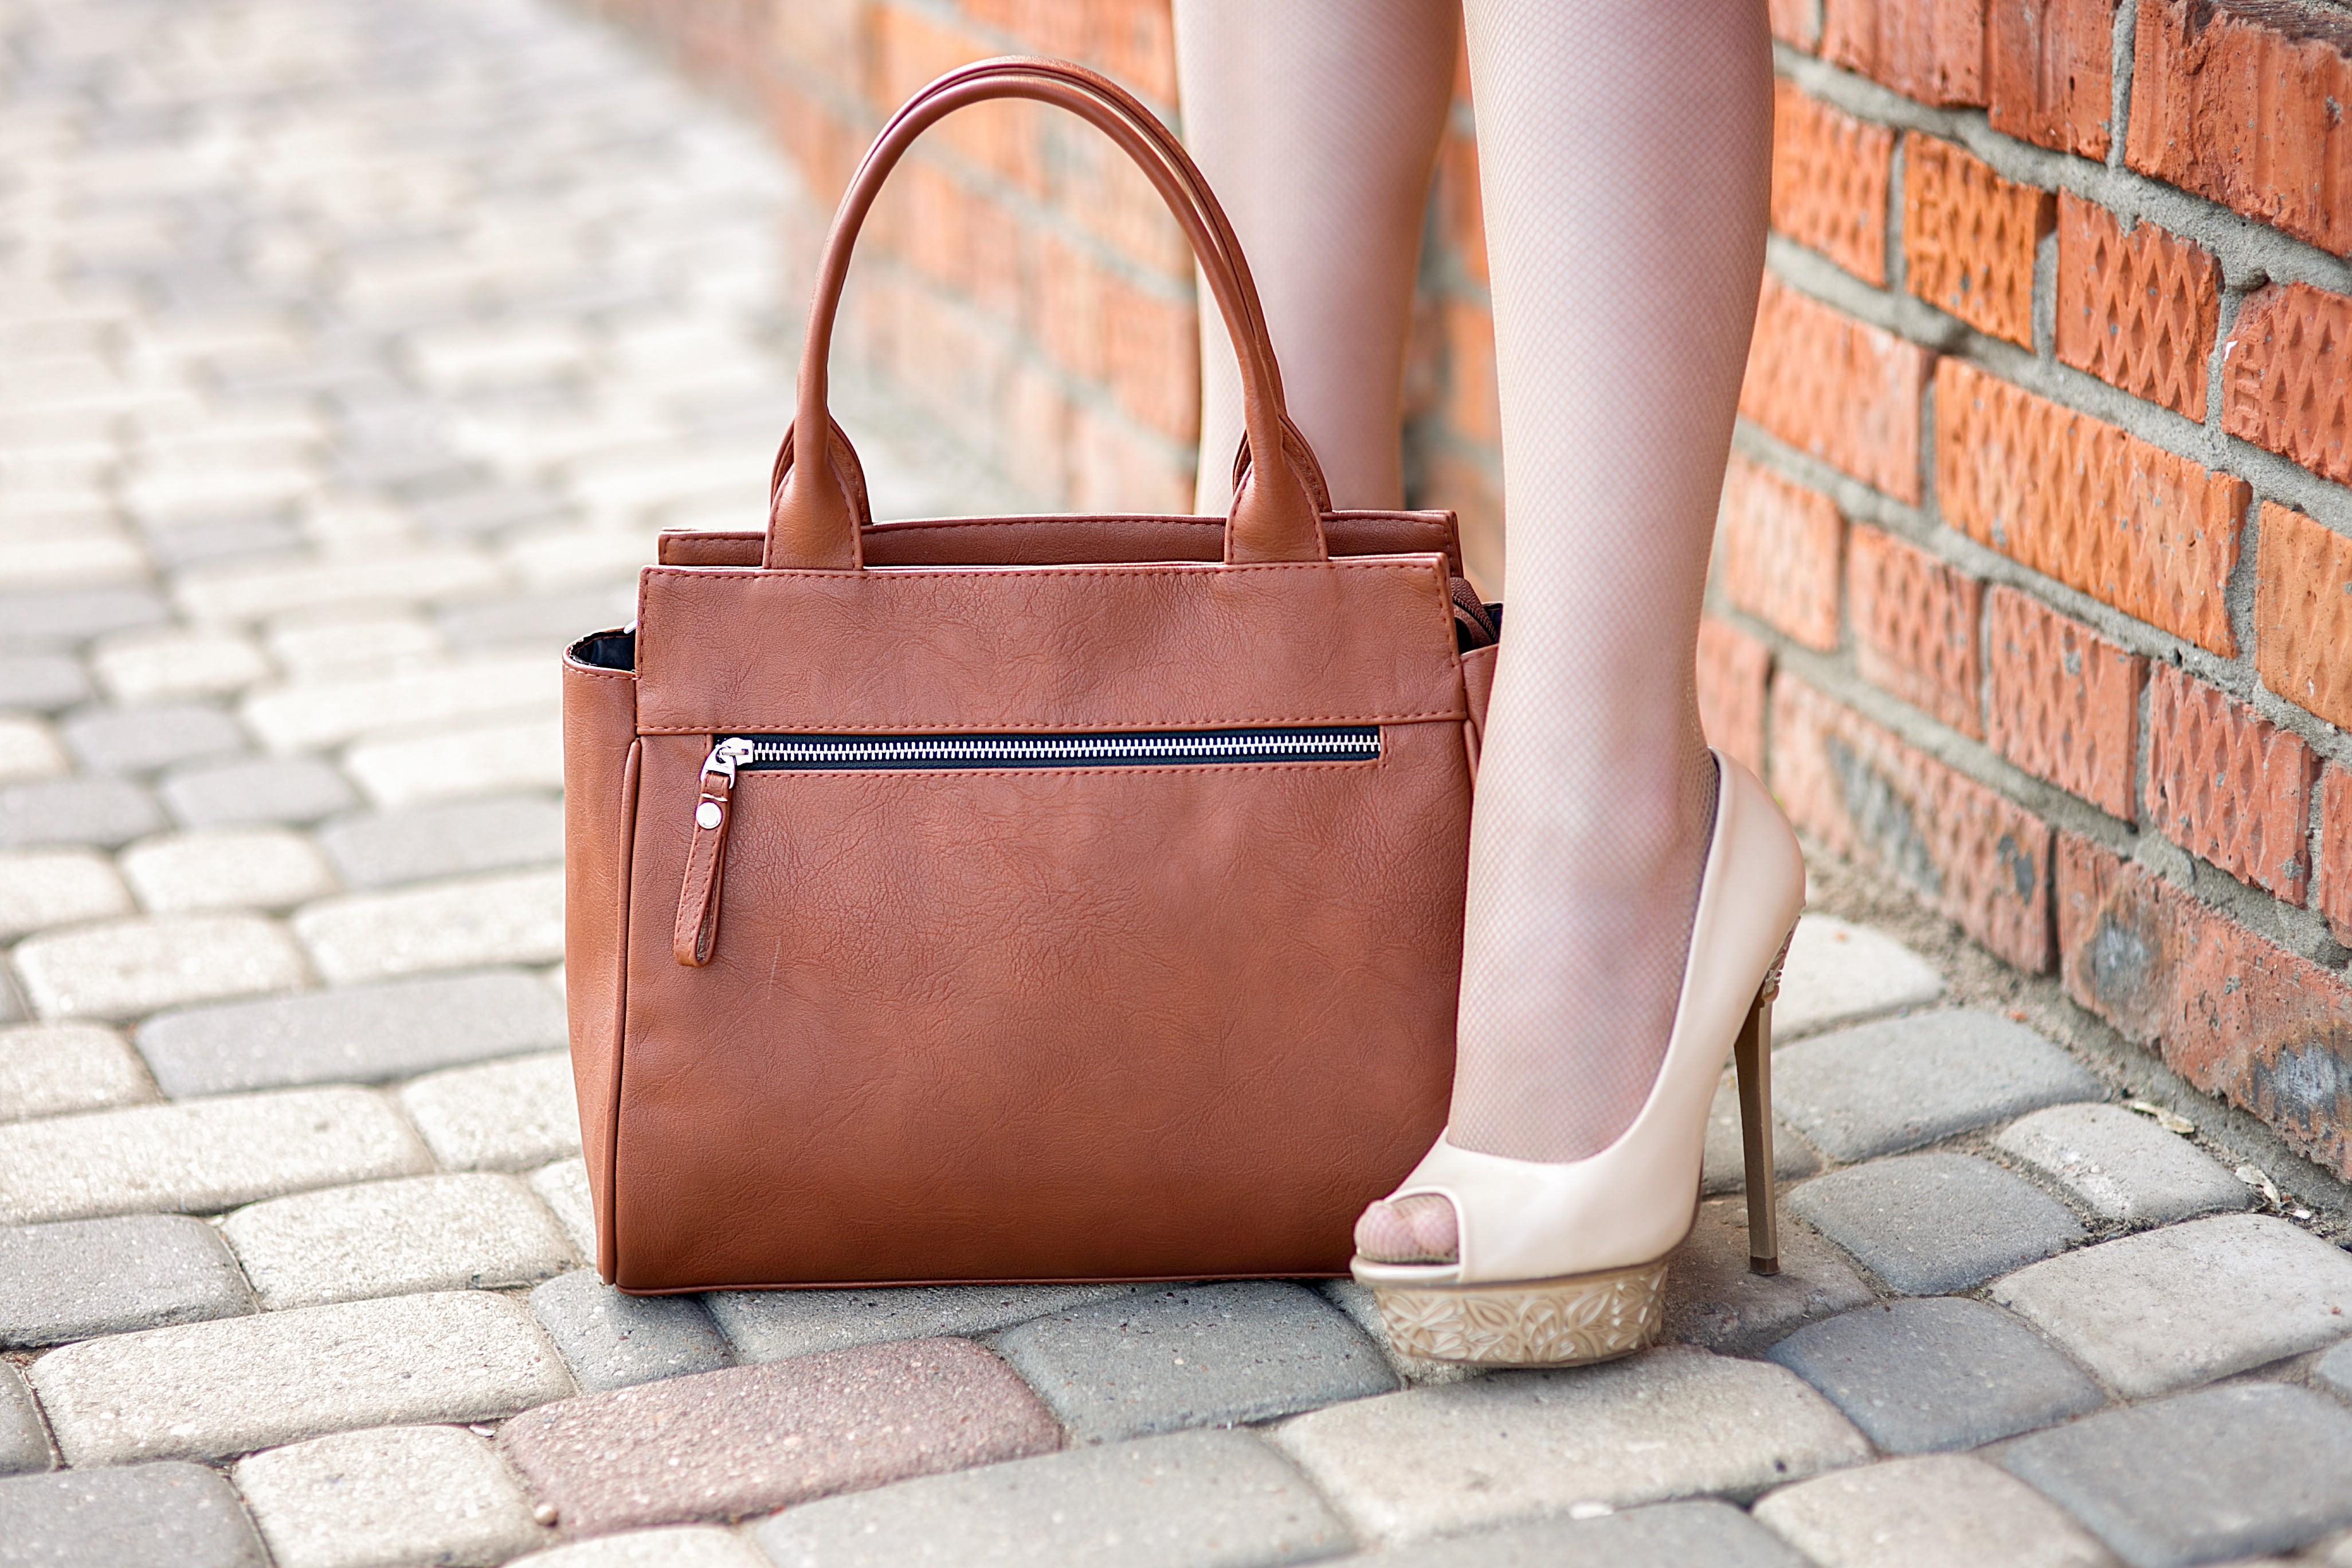 Сбор заказов. Фабричные сумочки от российского производителя Osso! S.Lavia! Низкие цены и отличное качество! Море